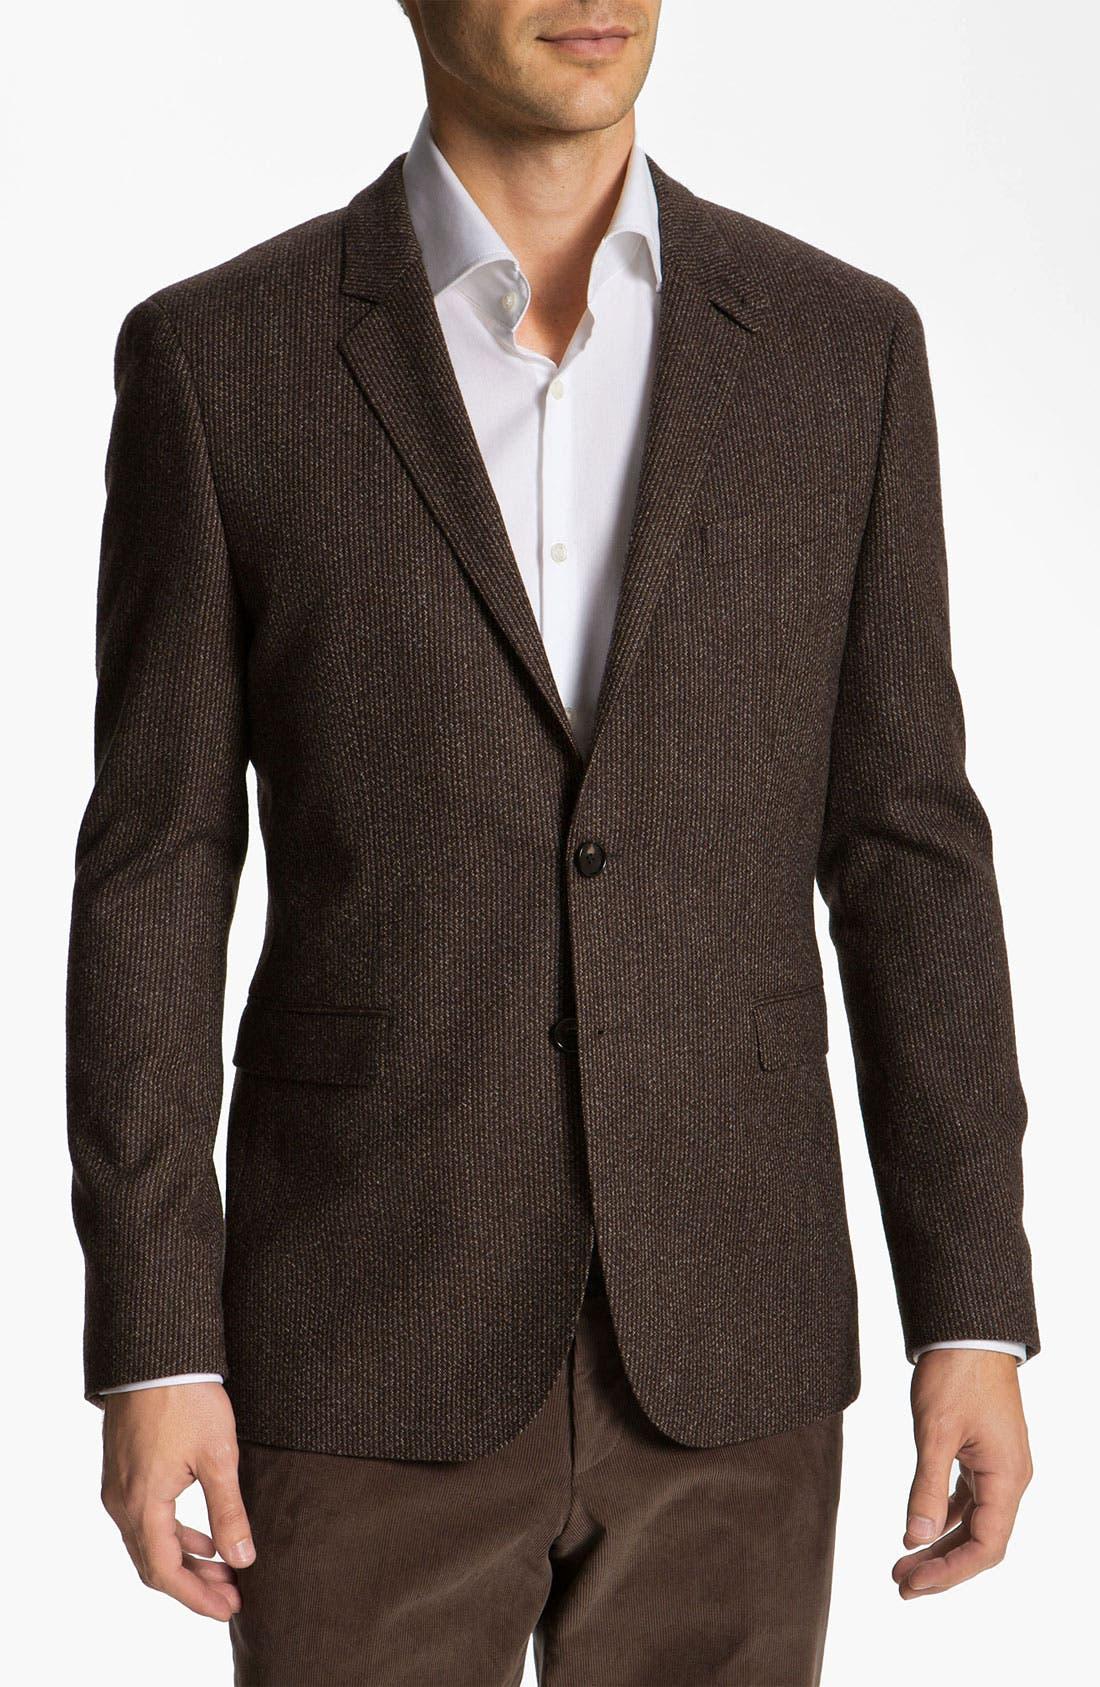 Alternate Image 1 Selected - BOSS Black 'Rhett' Extra Trim Fit Sportcoat